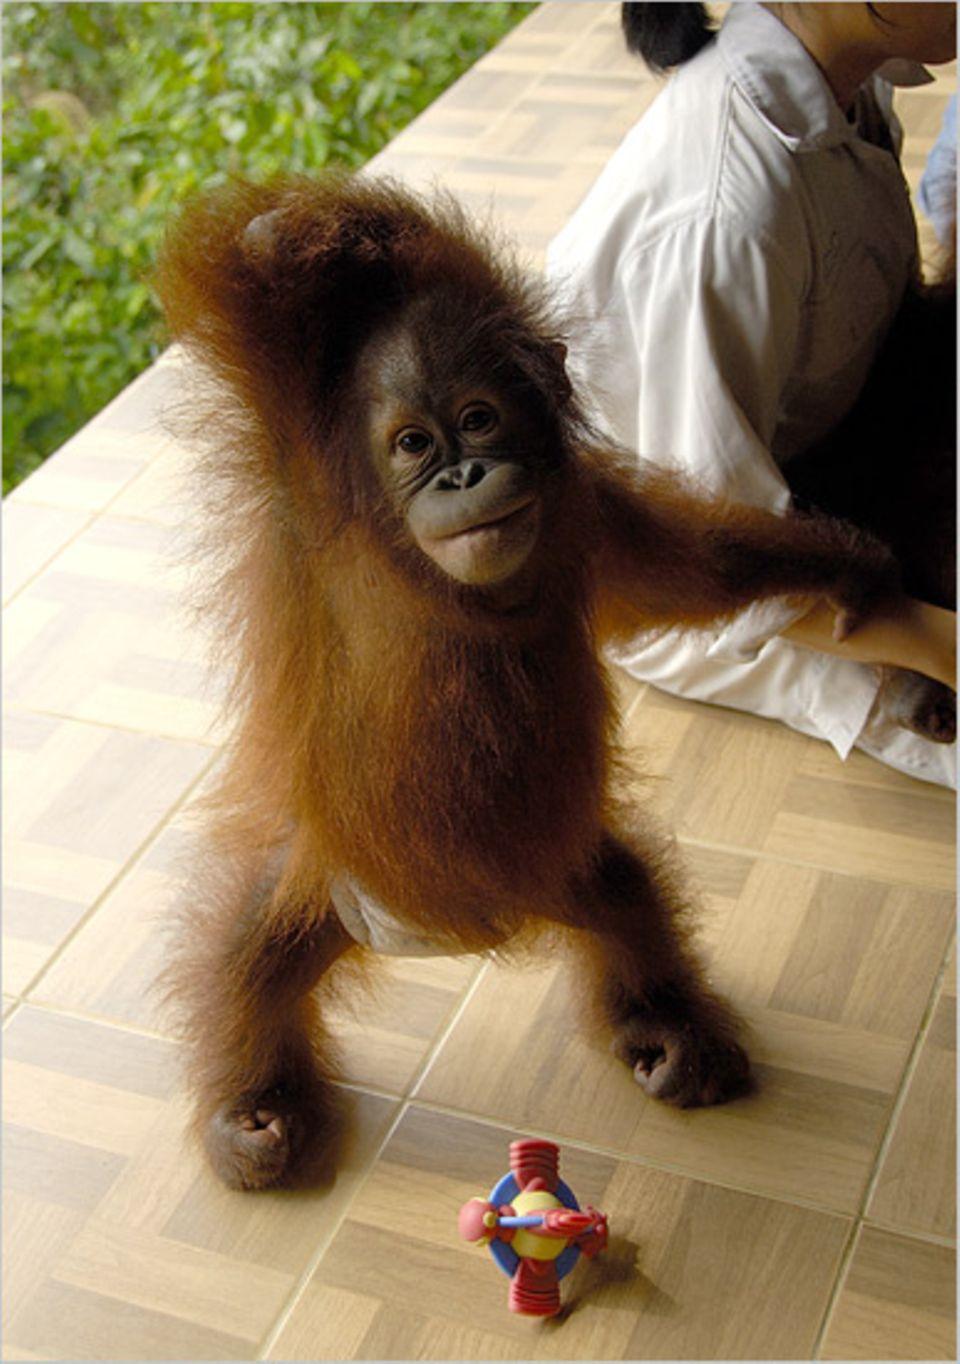 Affen: Werde ich in Freiheit aufwachsen können?